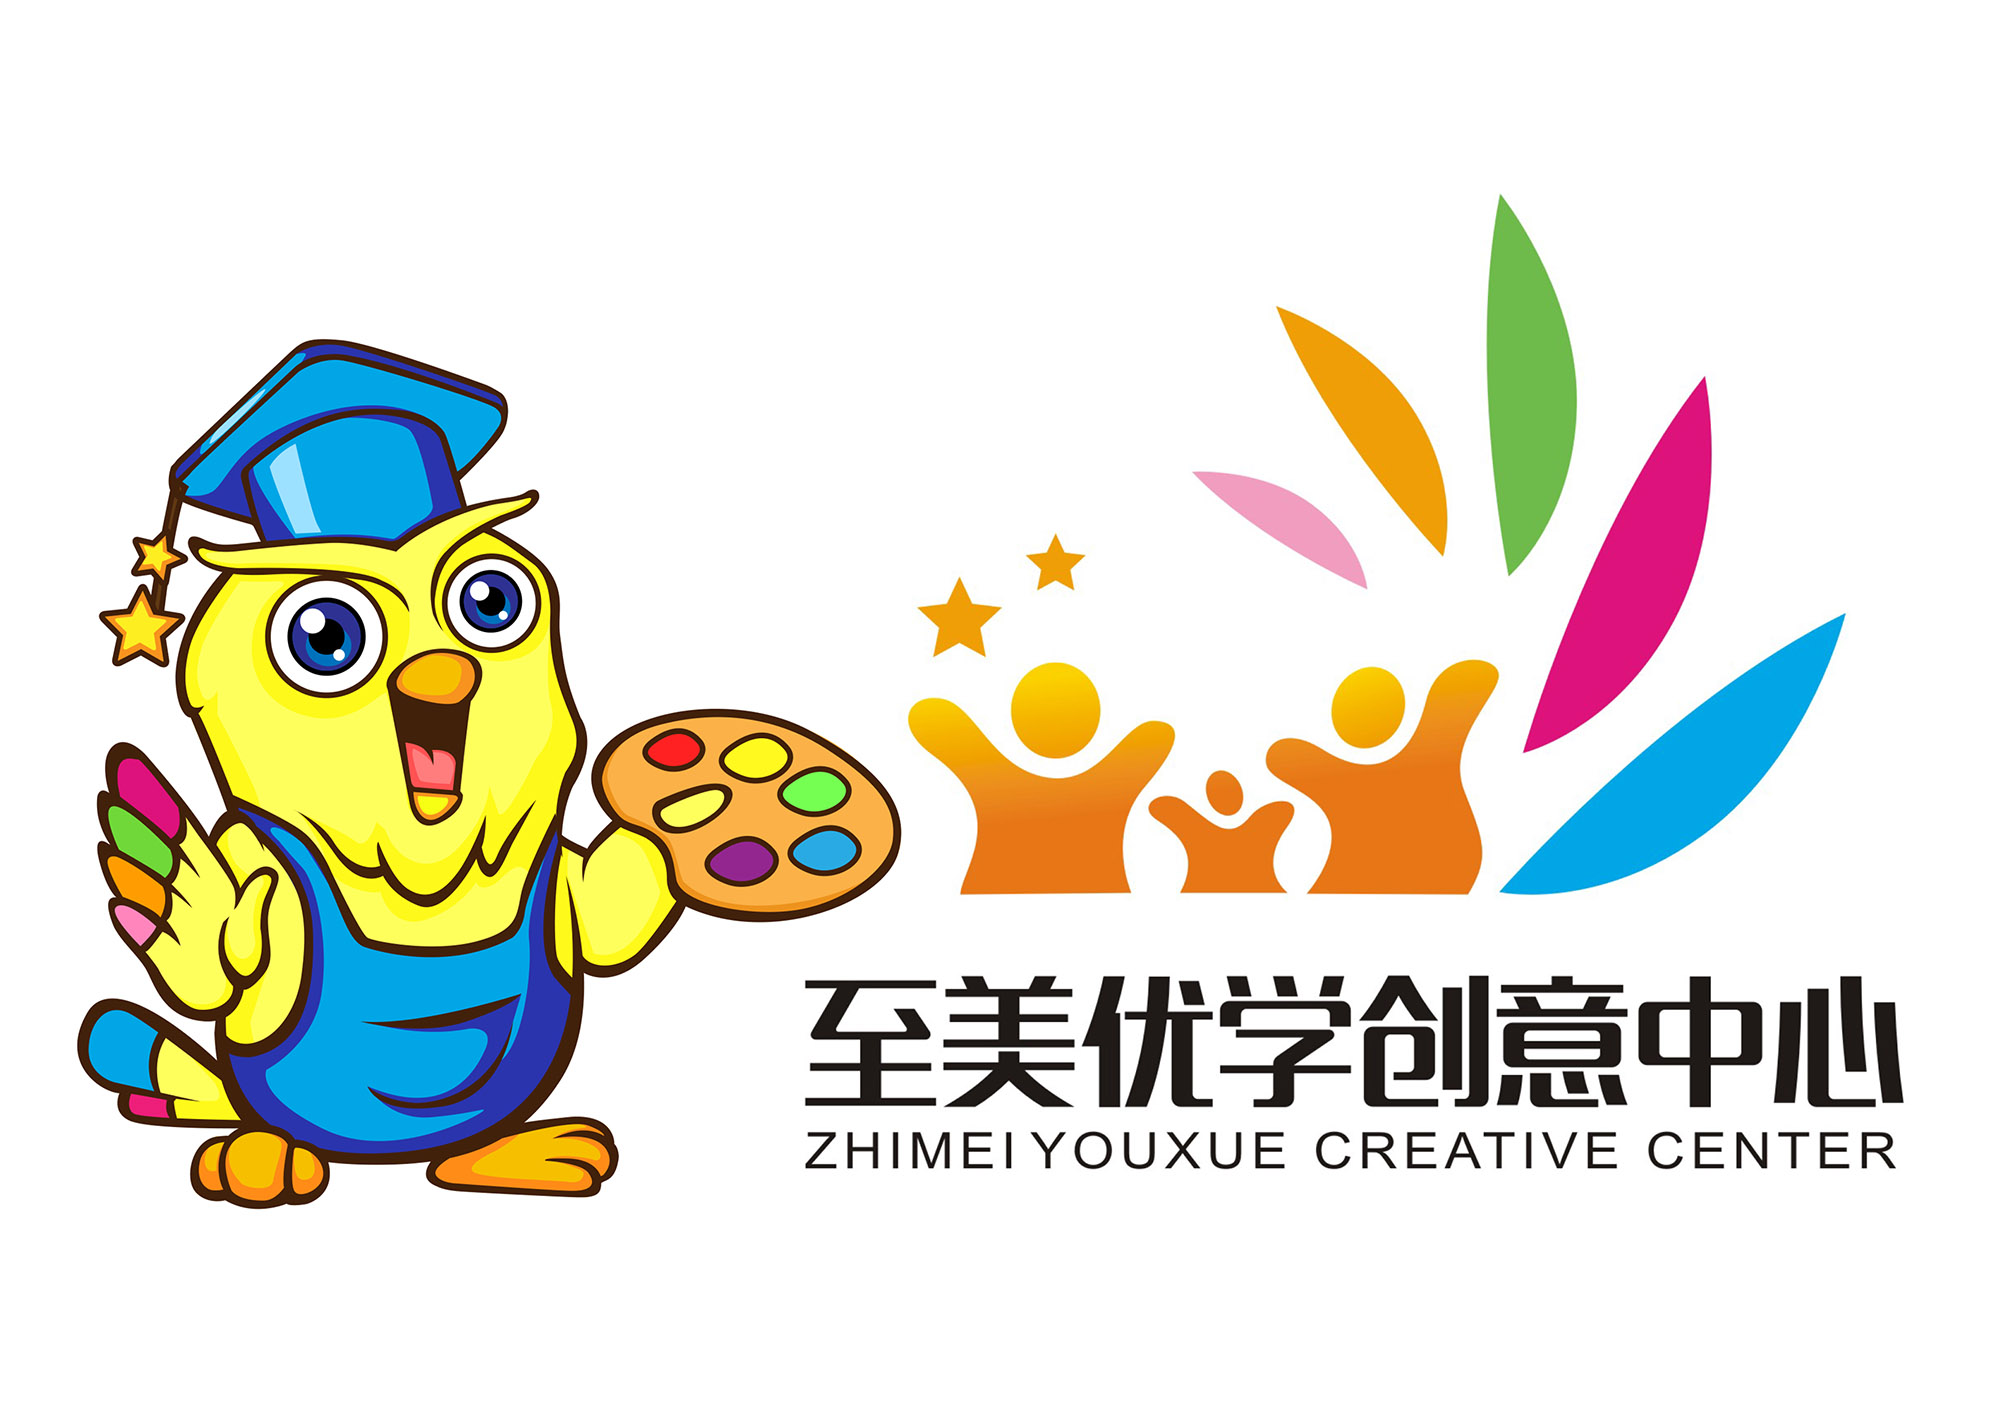 根据公司logo设计一个吉祥物